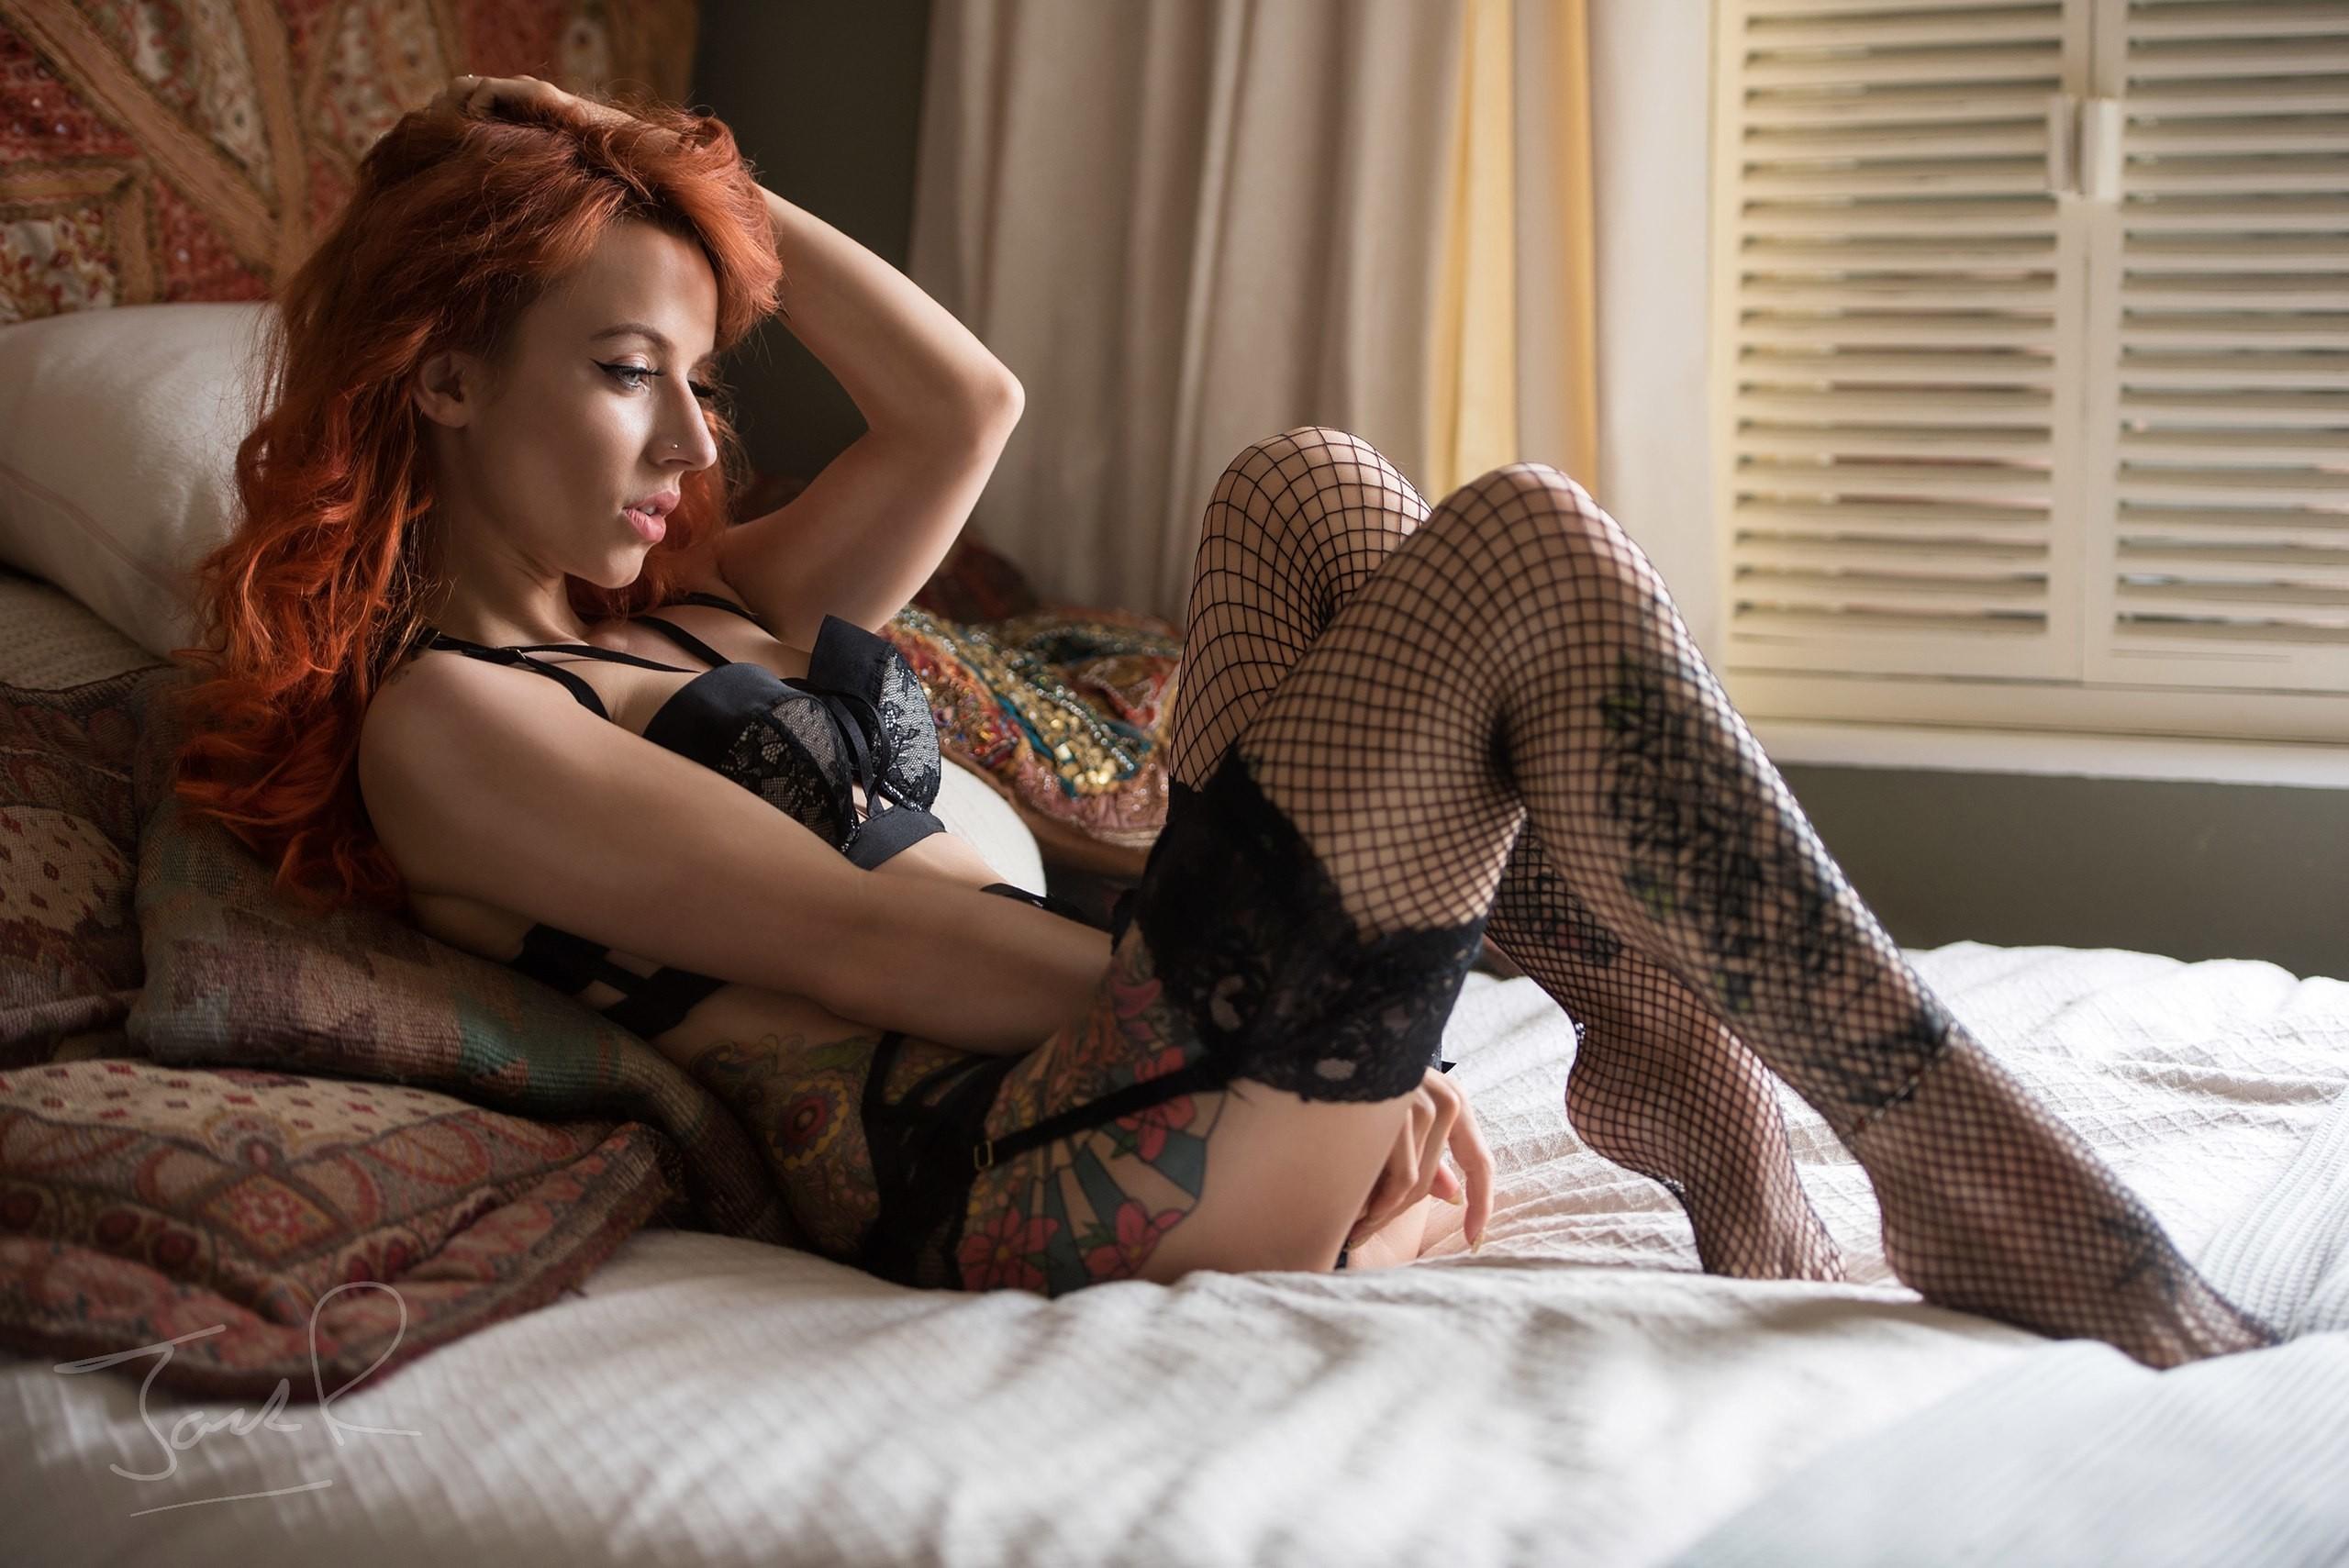 Большие попы секс фото порно фото